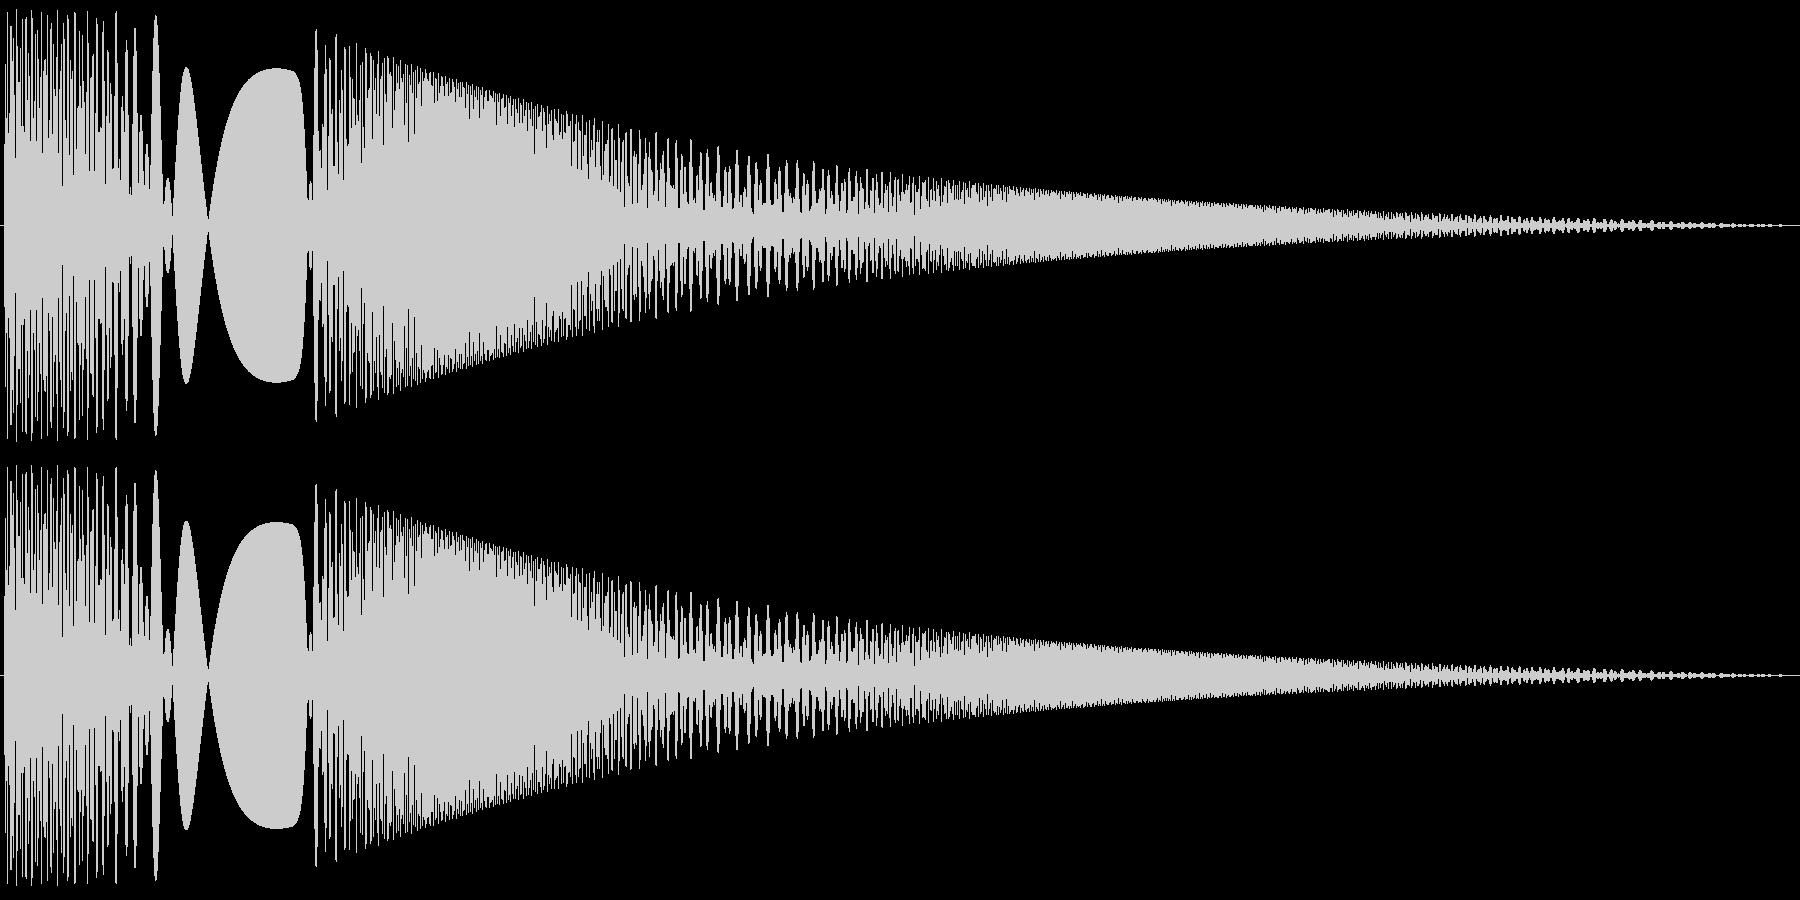 ボヨヨンと柔らかいものが揺れる03の未再生の波形